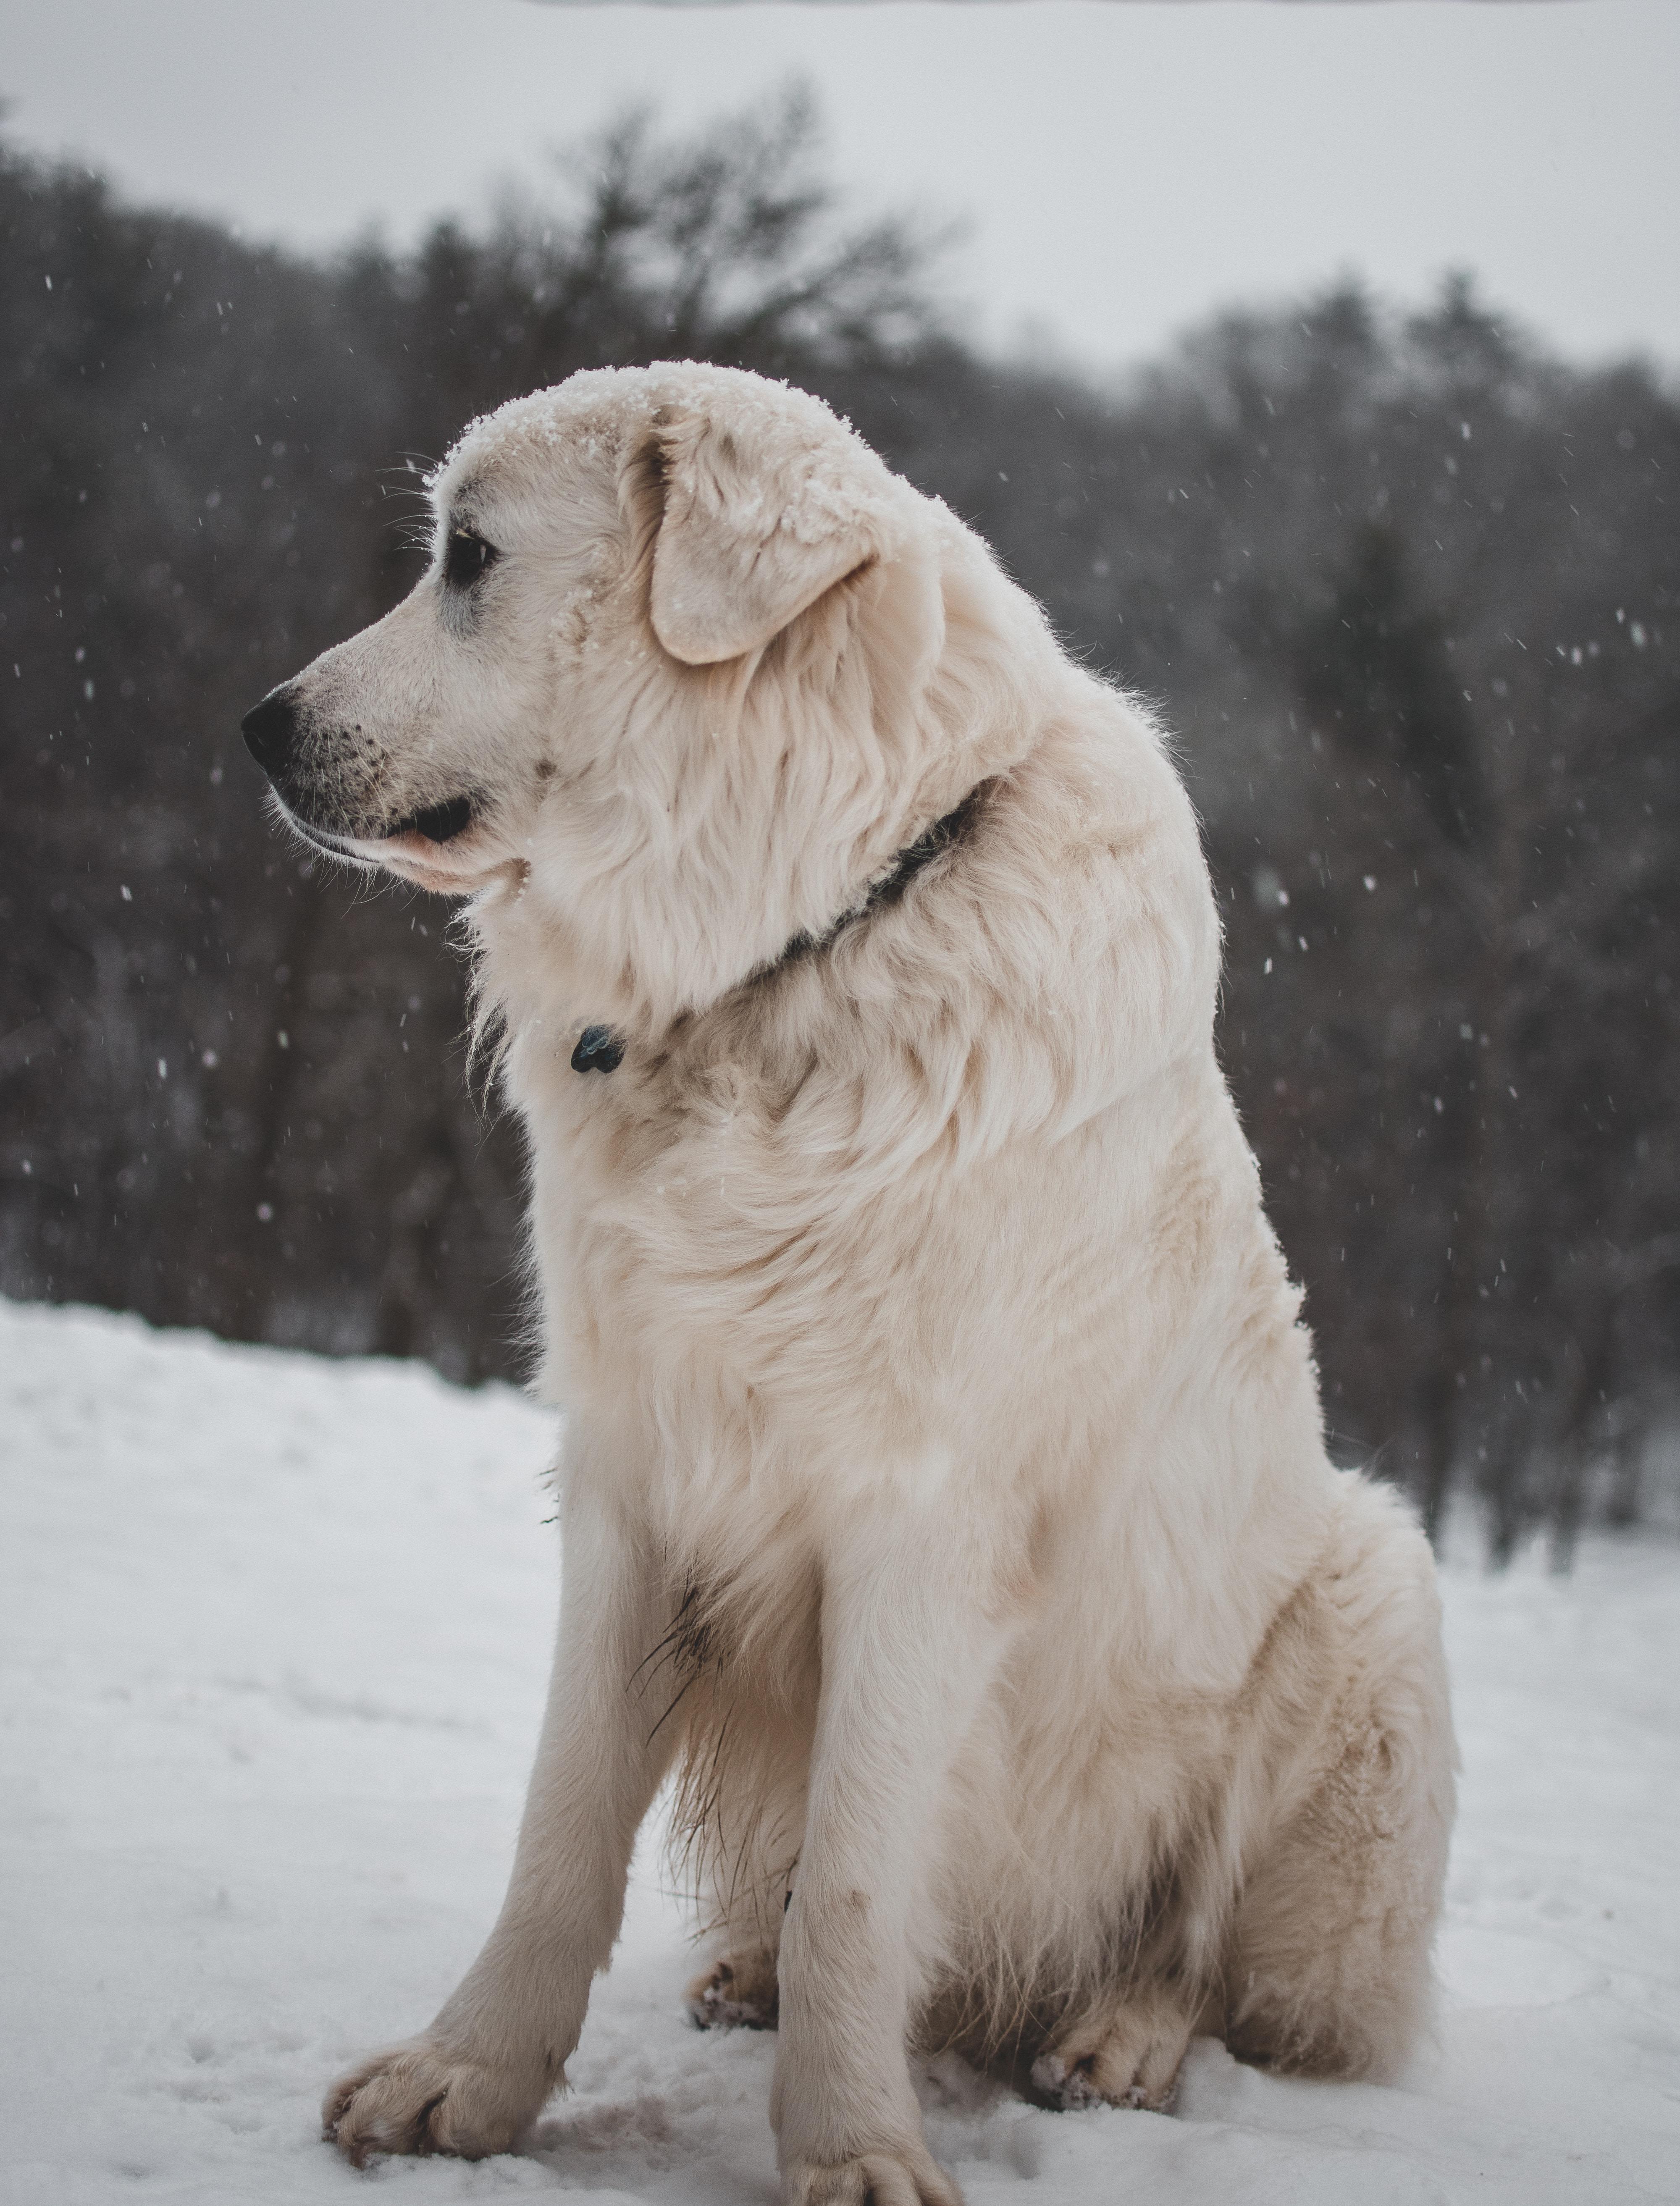 white coated dog sitting on icy surface